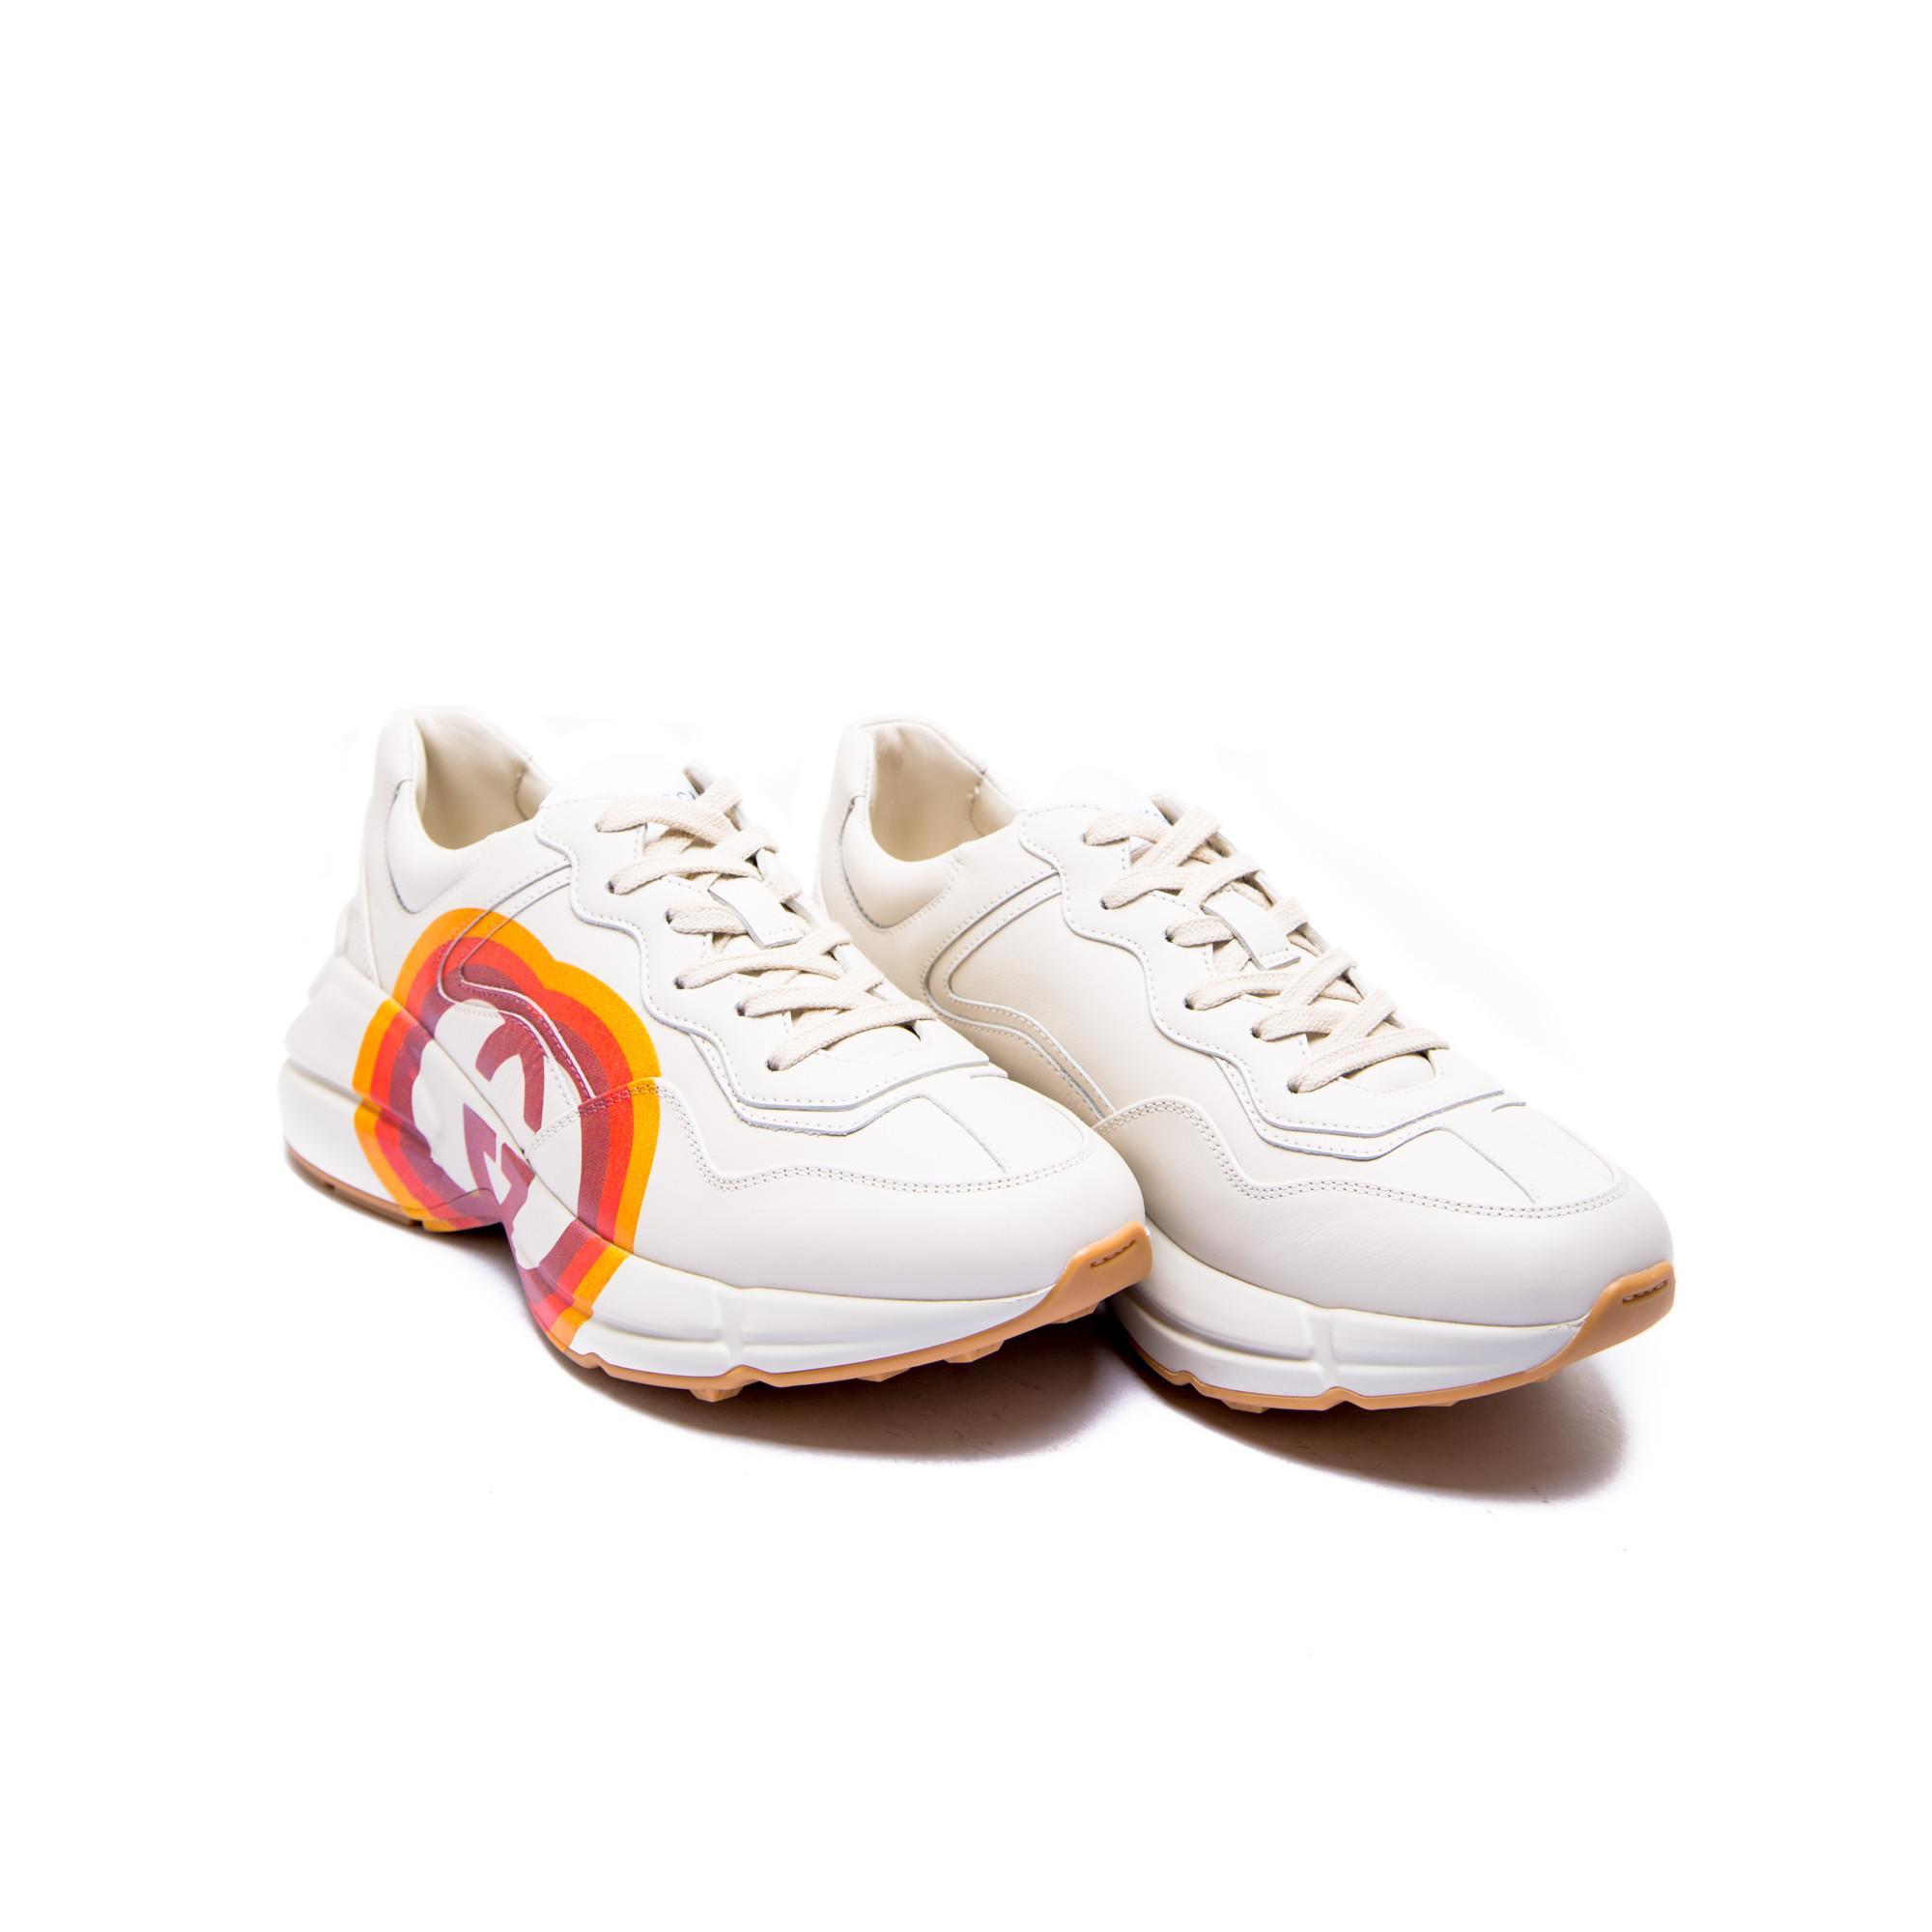 fcbe810741d ... Gucci sportshoes apollo white Gucci sportshoes apollo white -  www.derodeloper.com - Derodeloper ...